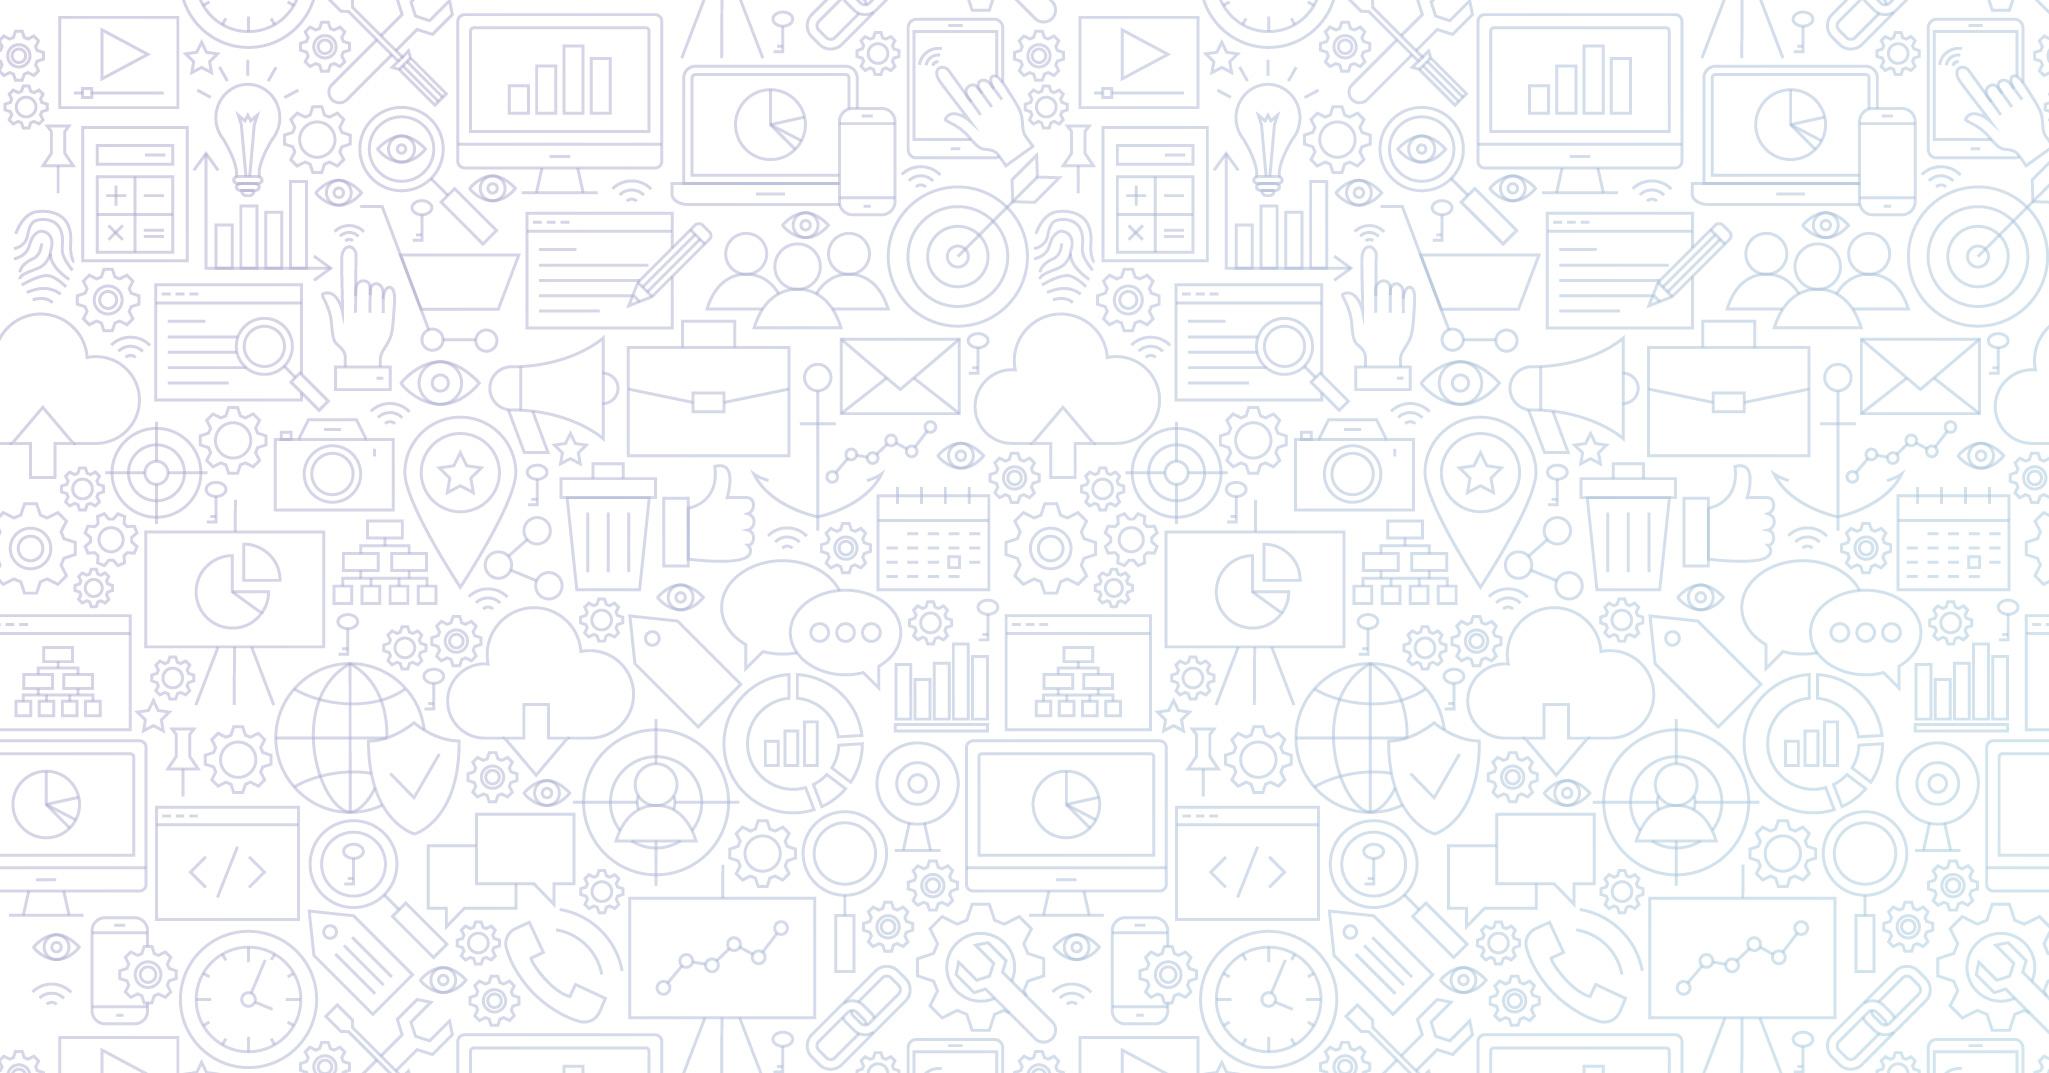 Factores y tendencias ASO 2019  –  Encuesta de expertos